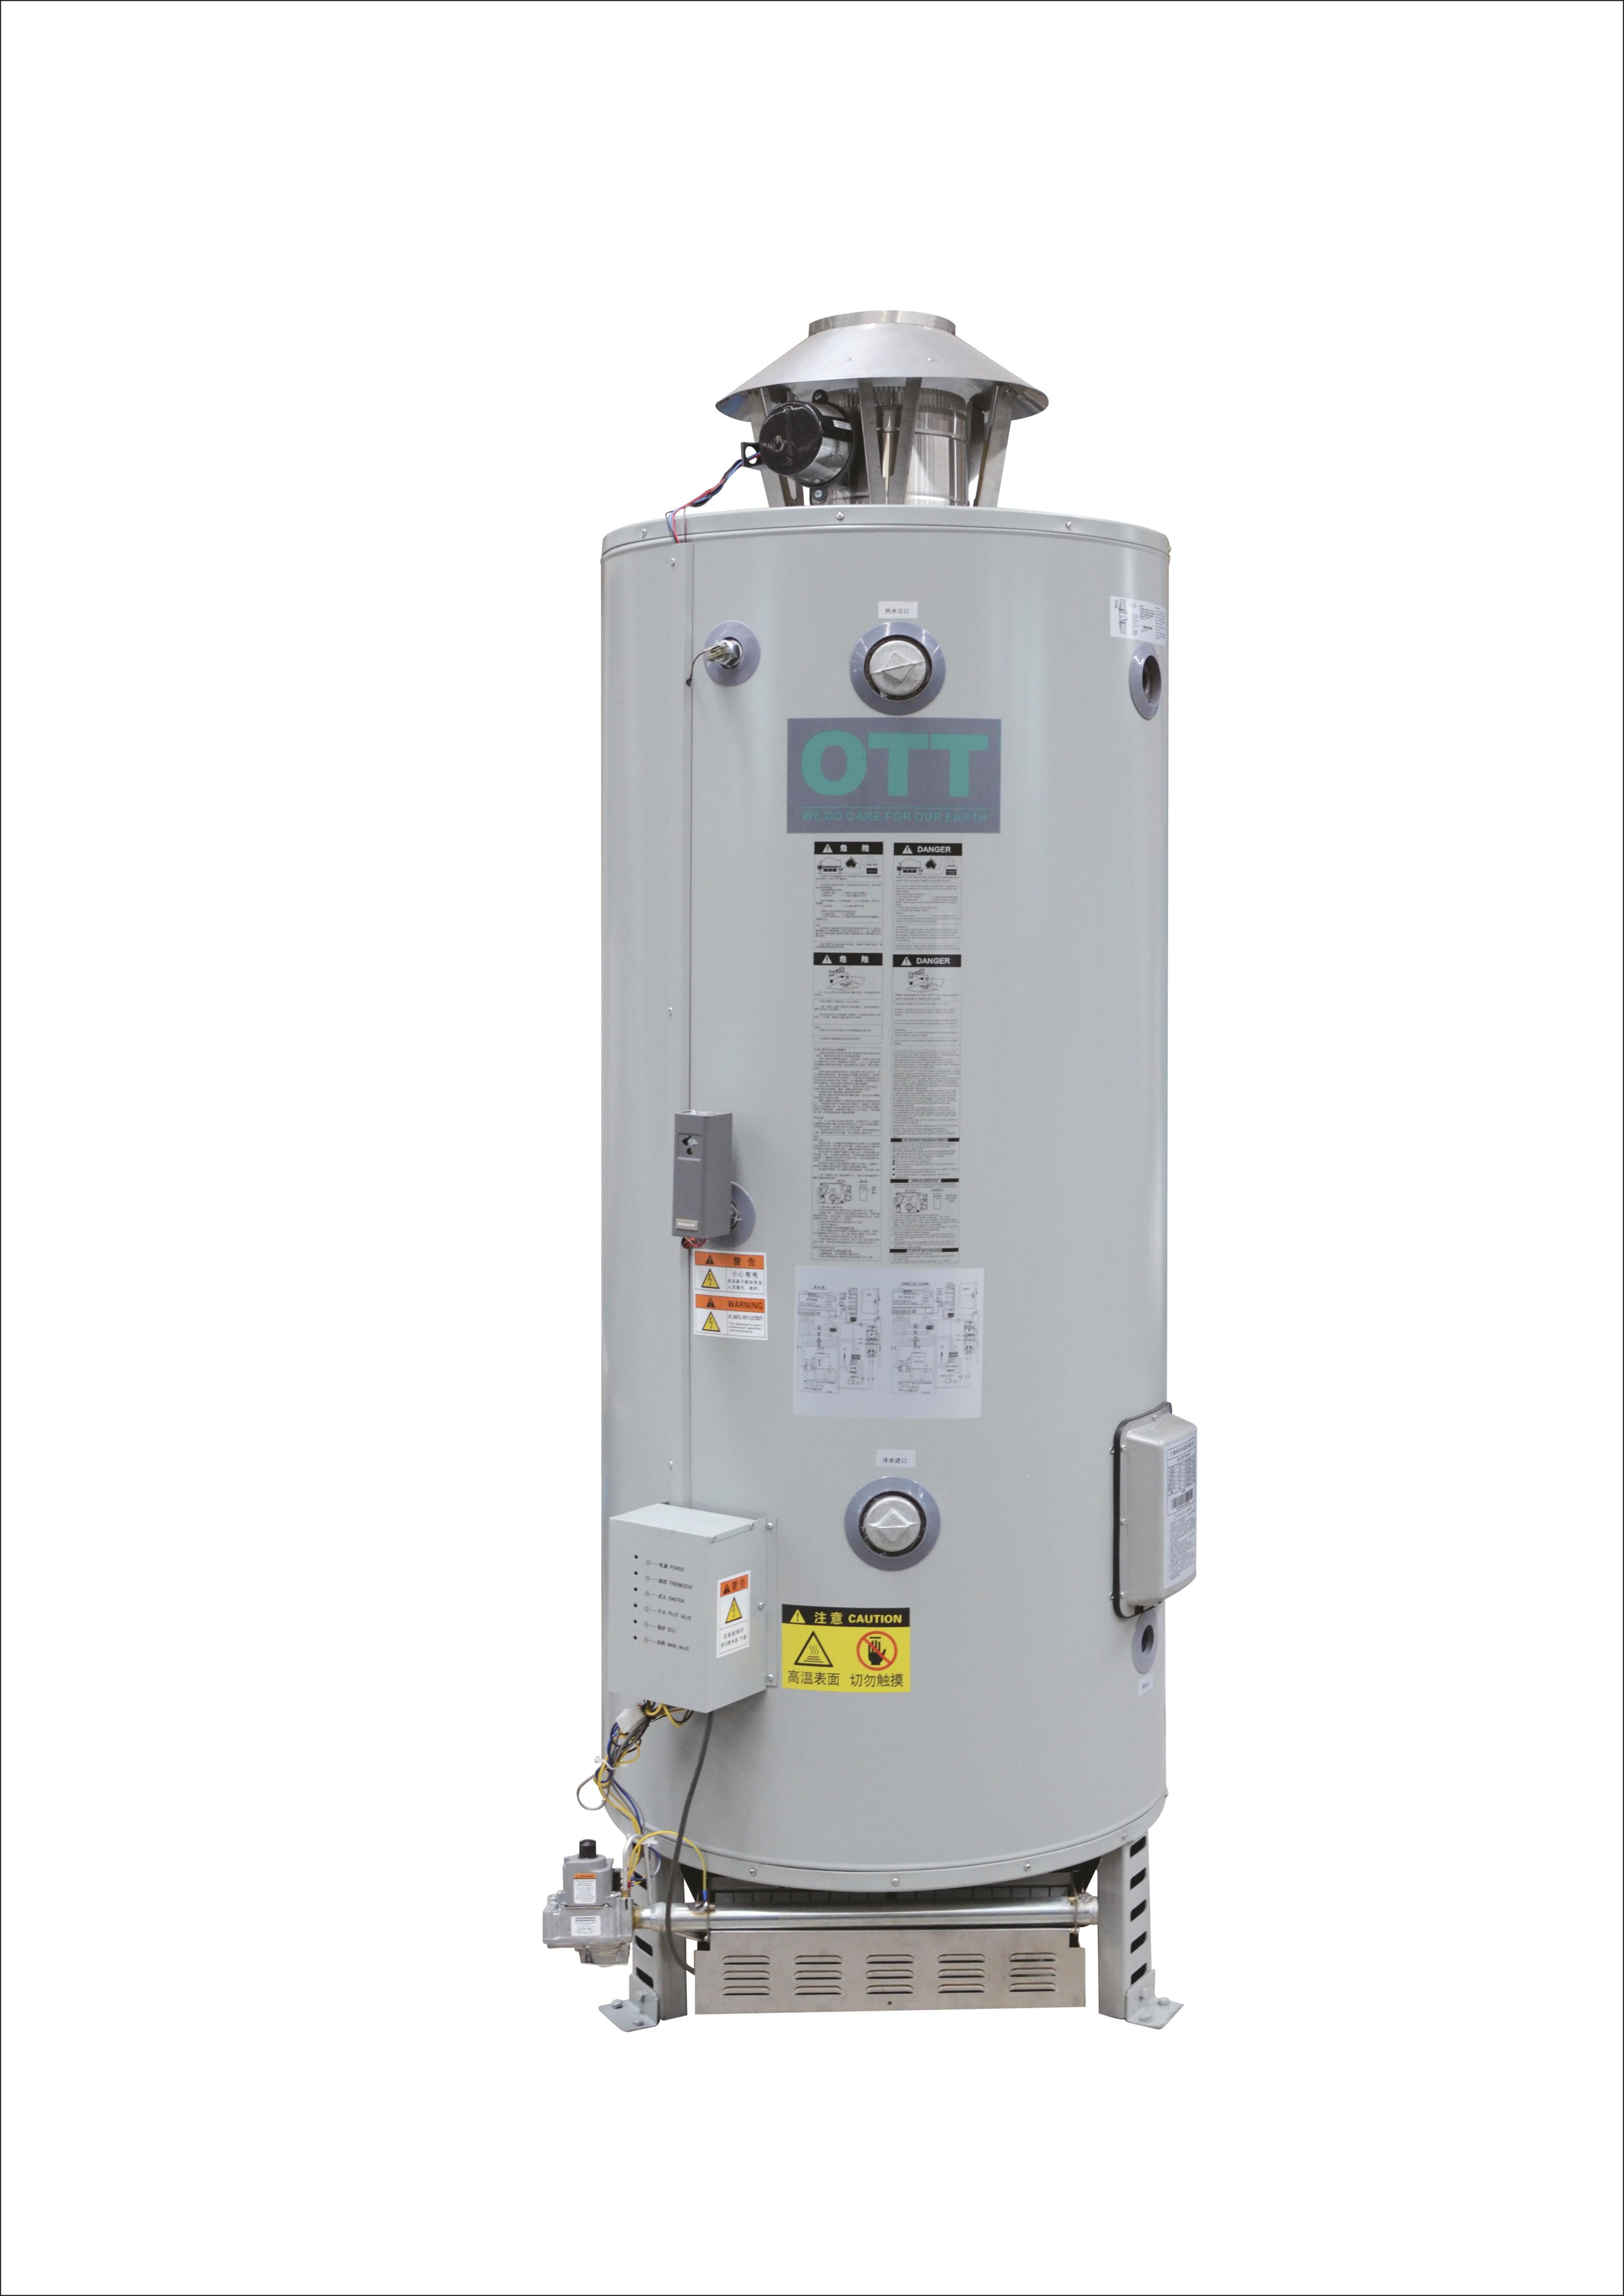 99KW欧特容积式燃气热水器销售,容积380L,功率99KW